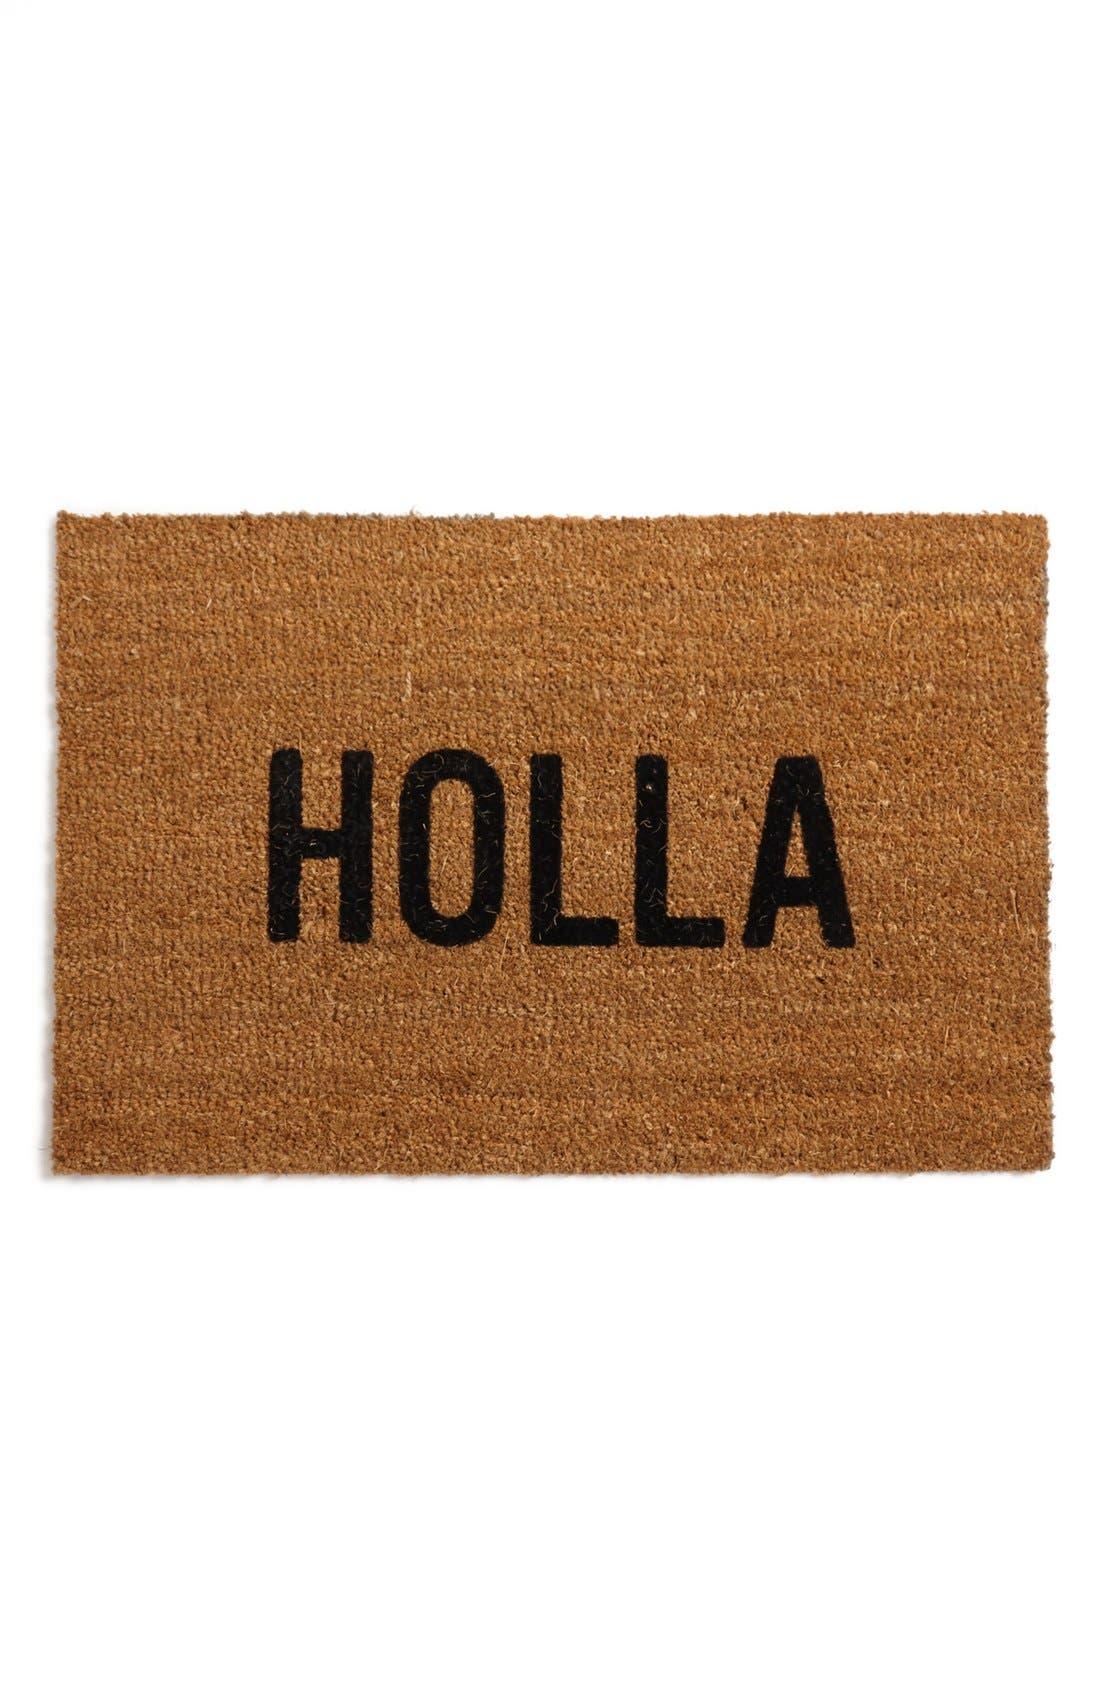 Reed Wilson Design 'Holla' Doormat